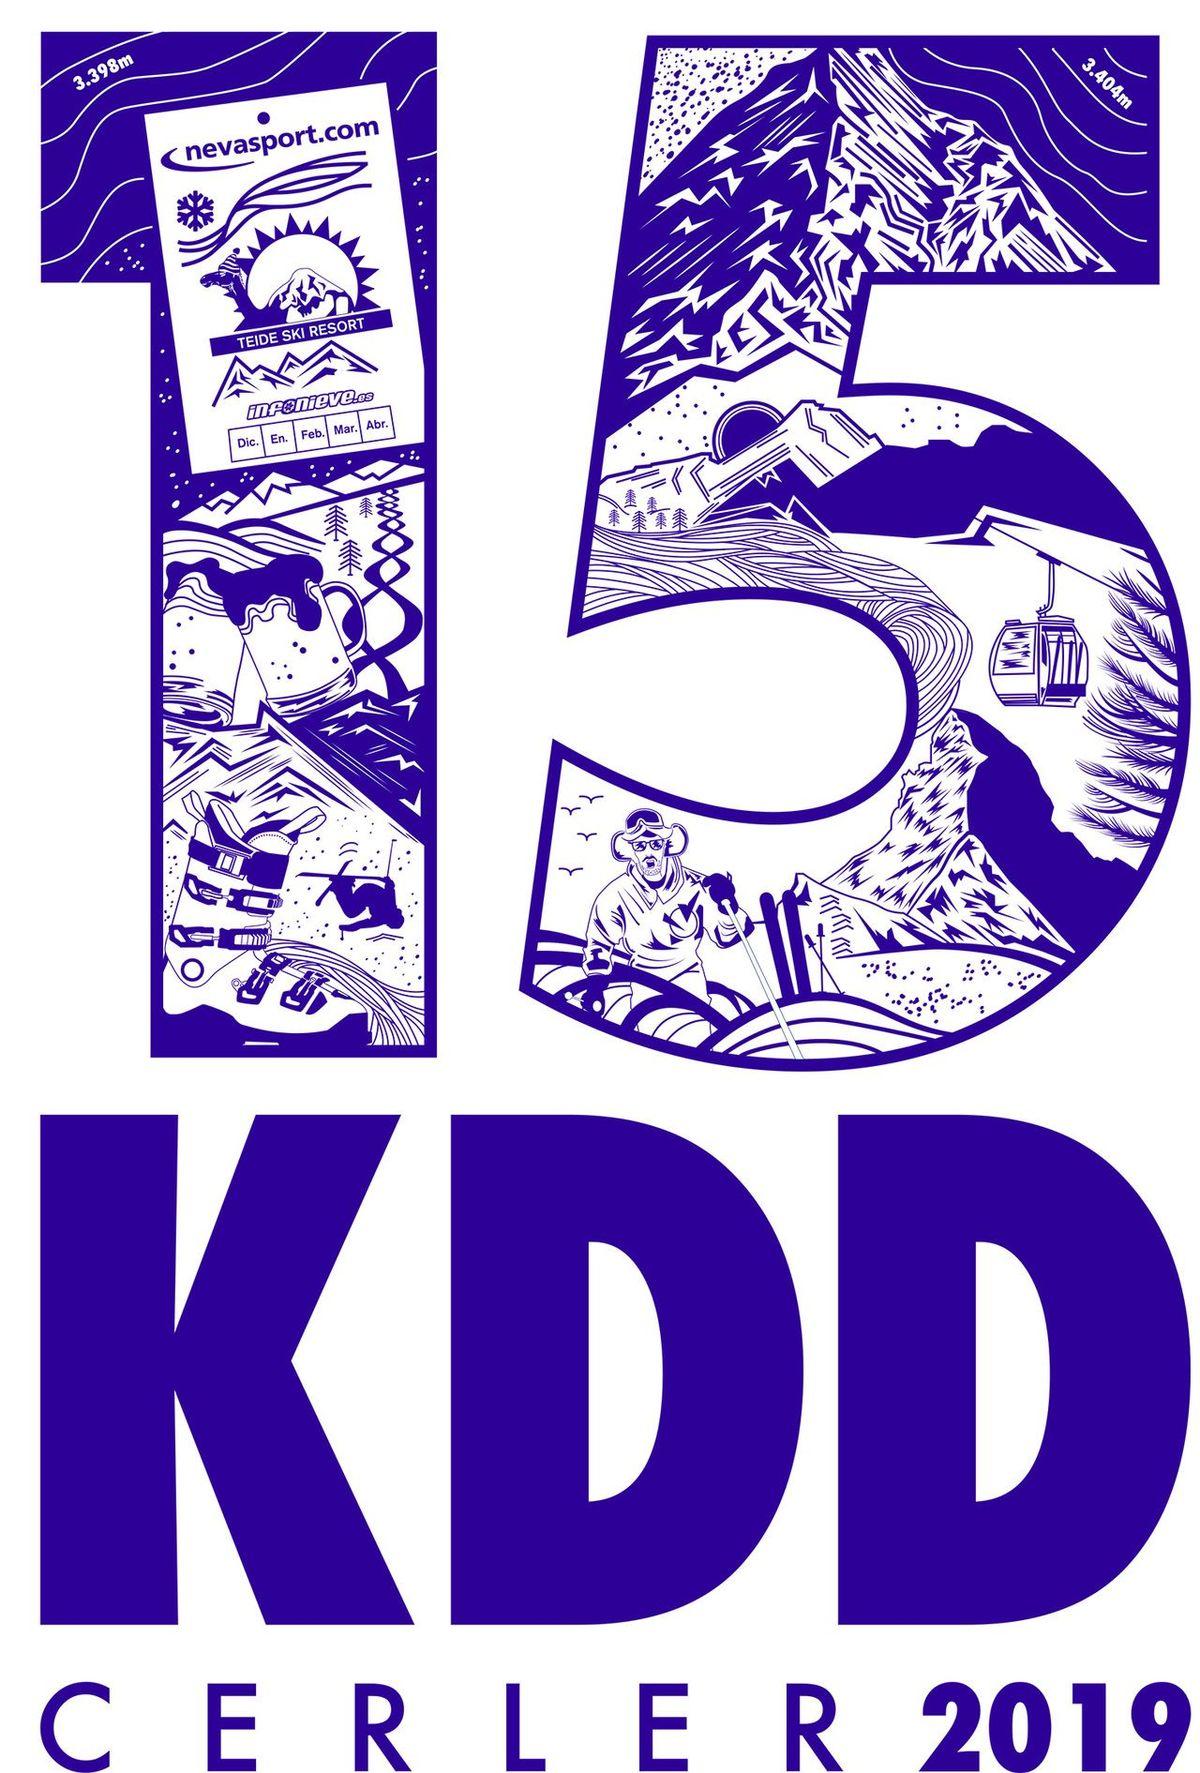 XV KDD Cerler